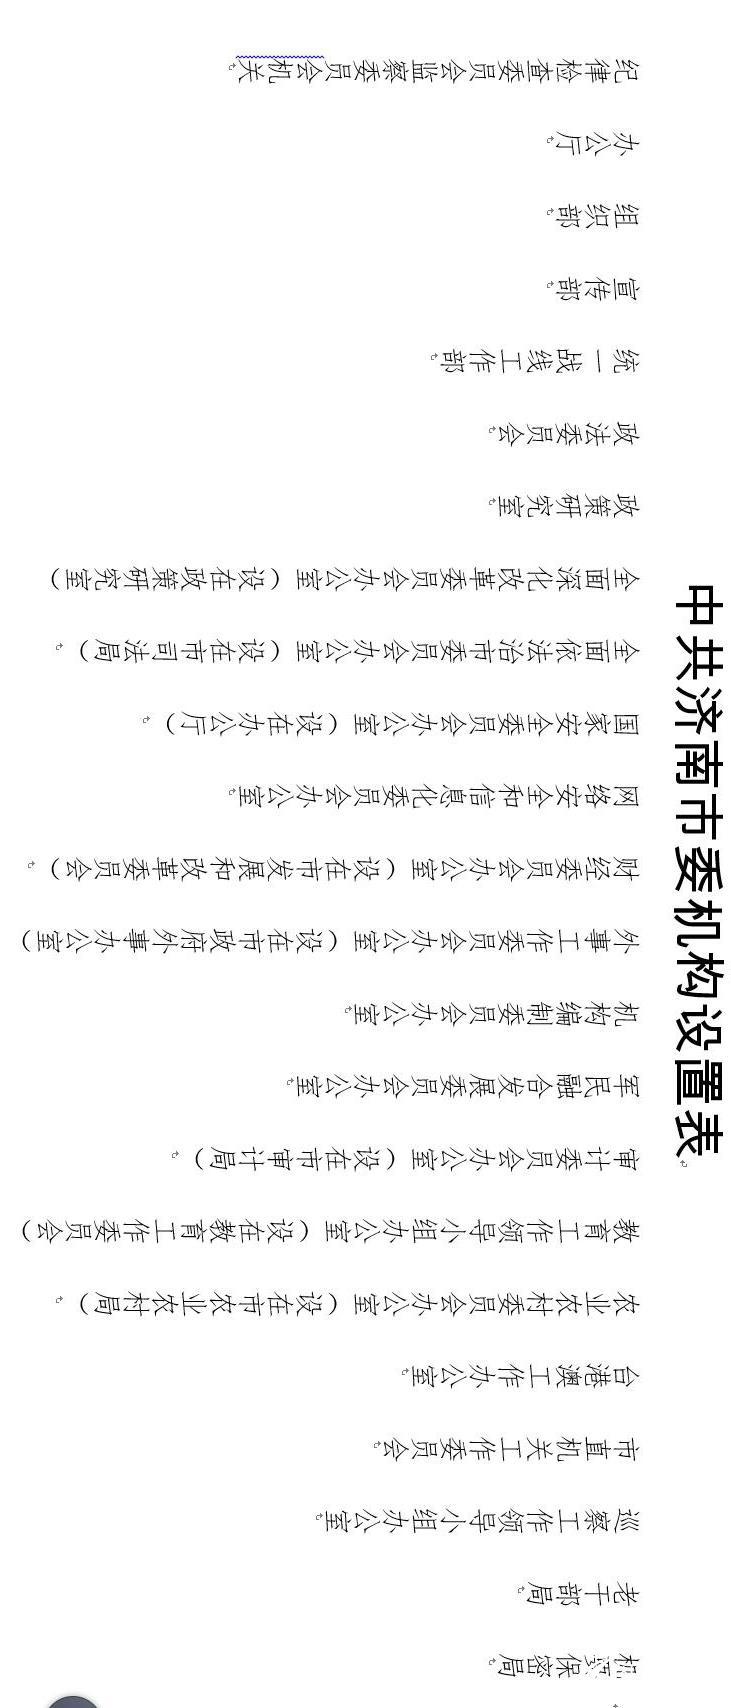 济南市市级机构改革怎么改?市委市政府机构设置公布